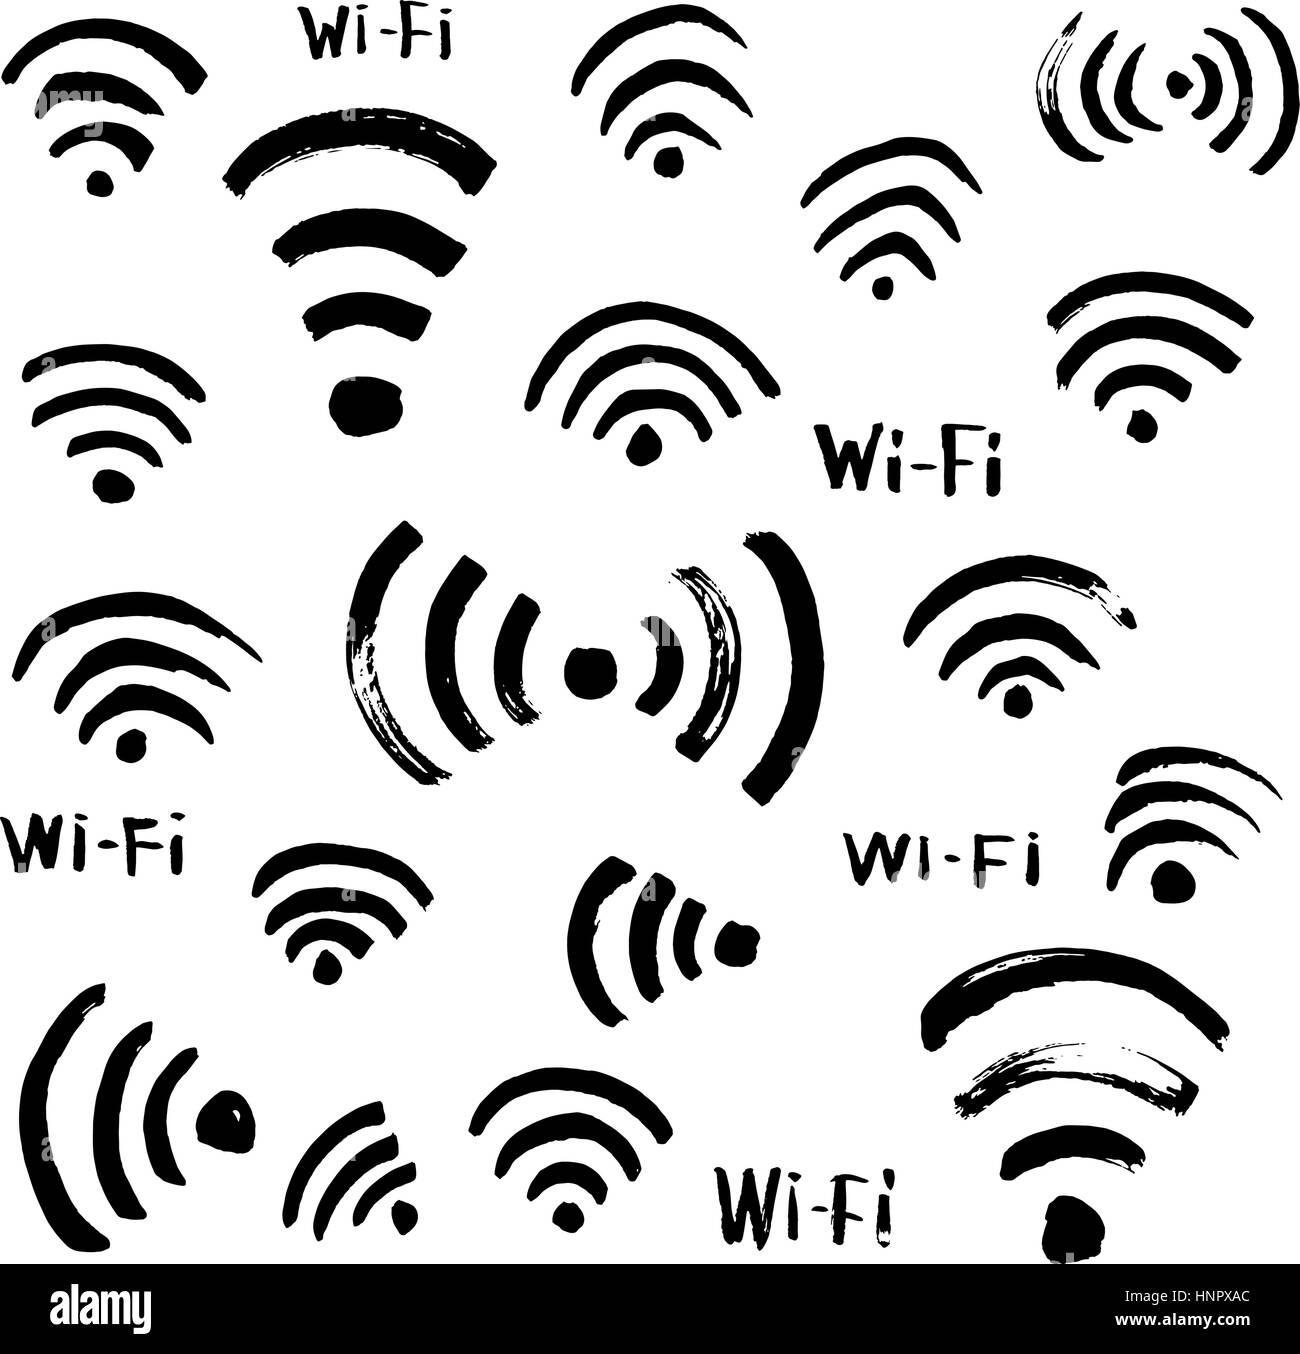 Croquis dibujados a mano icono Wi-Fi Imagen De Stock